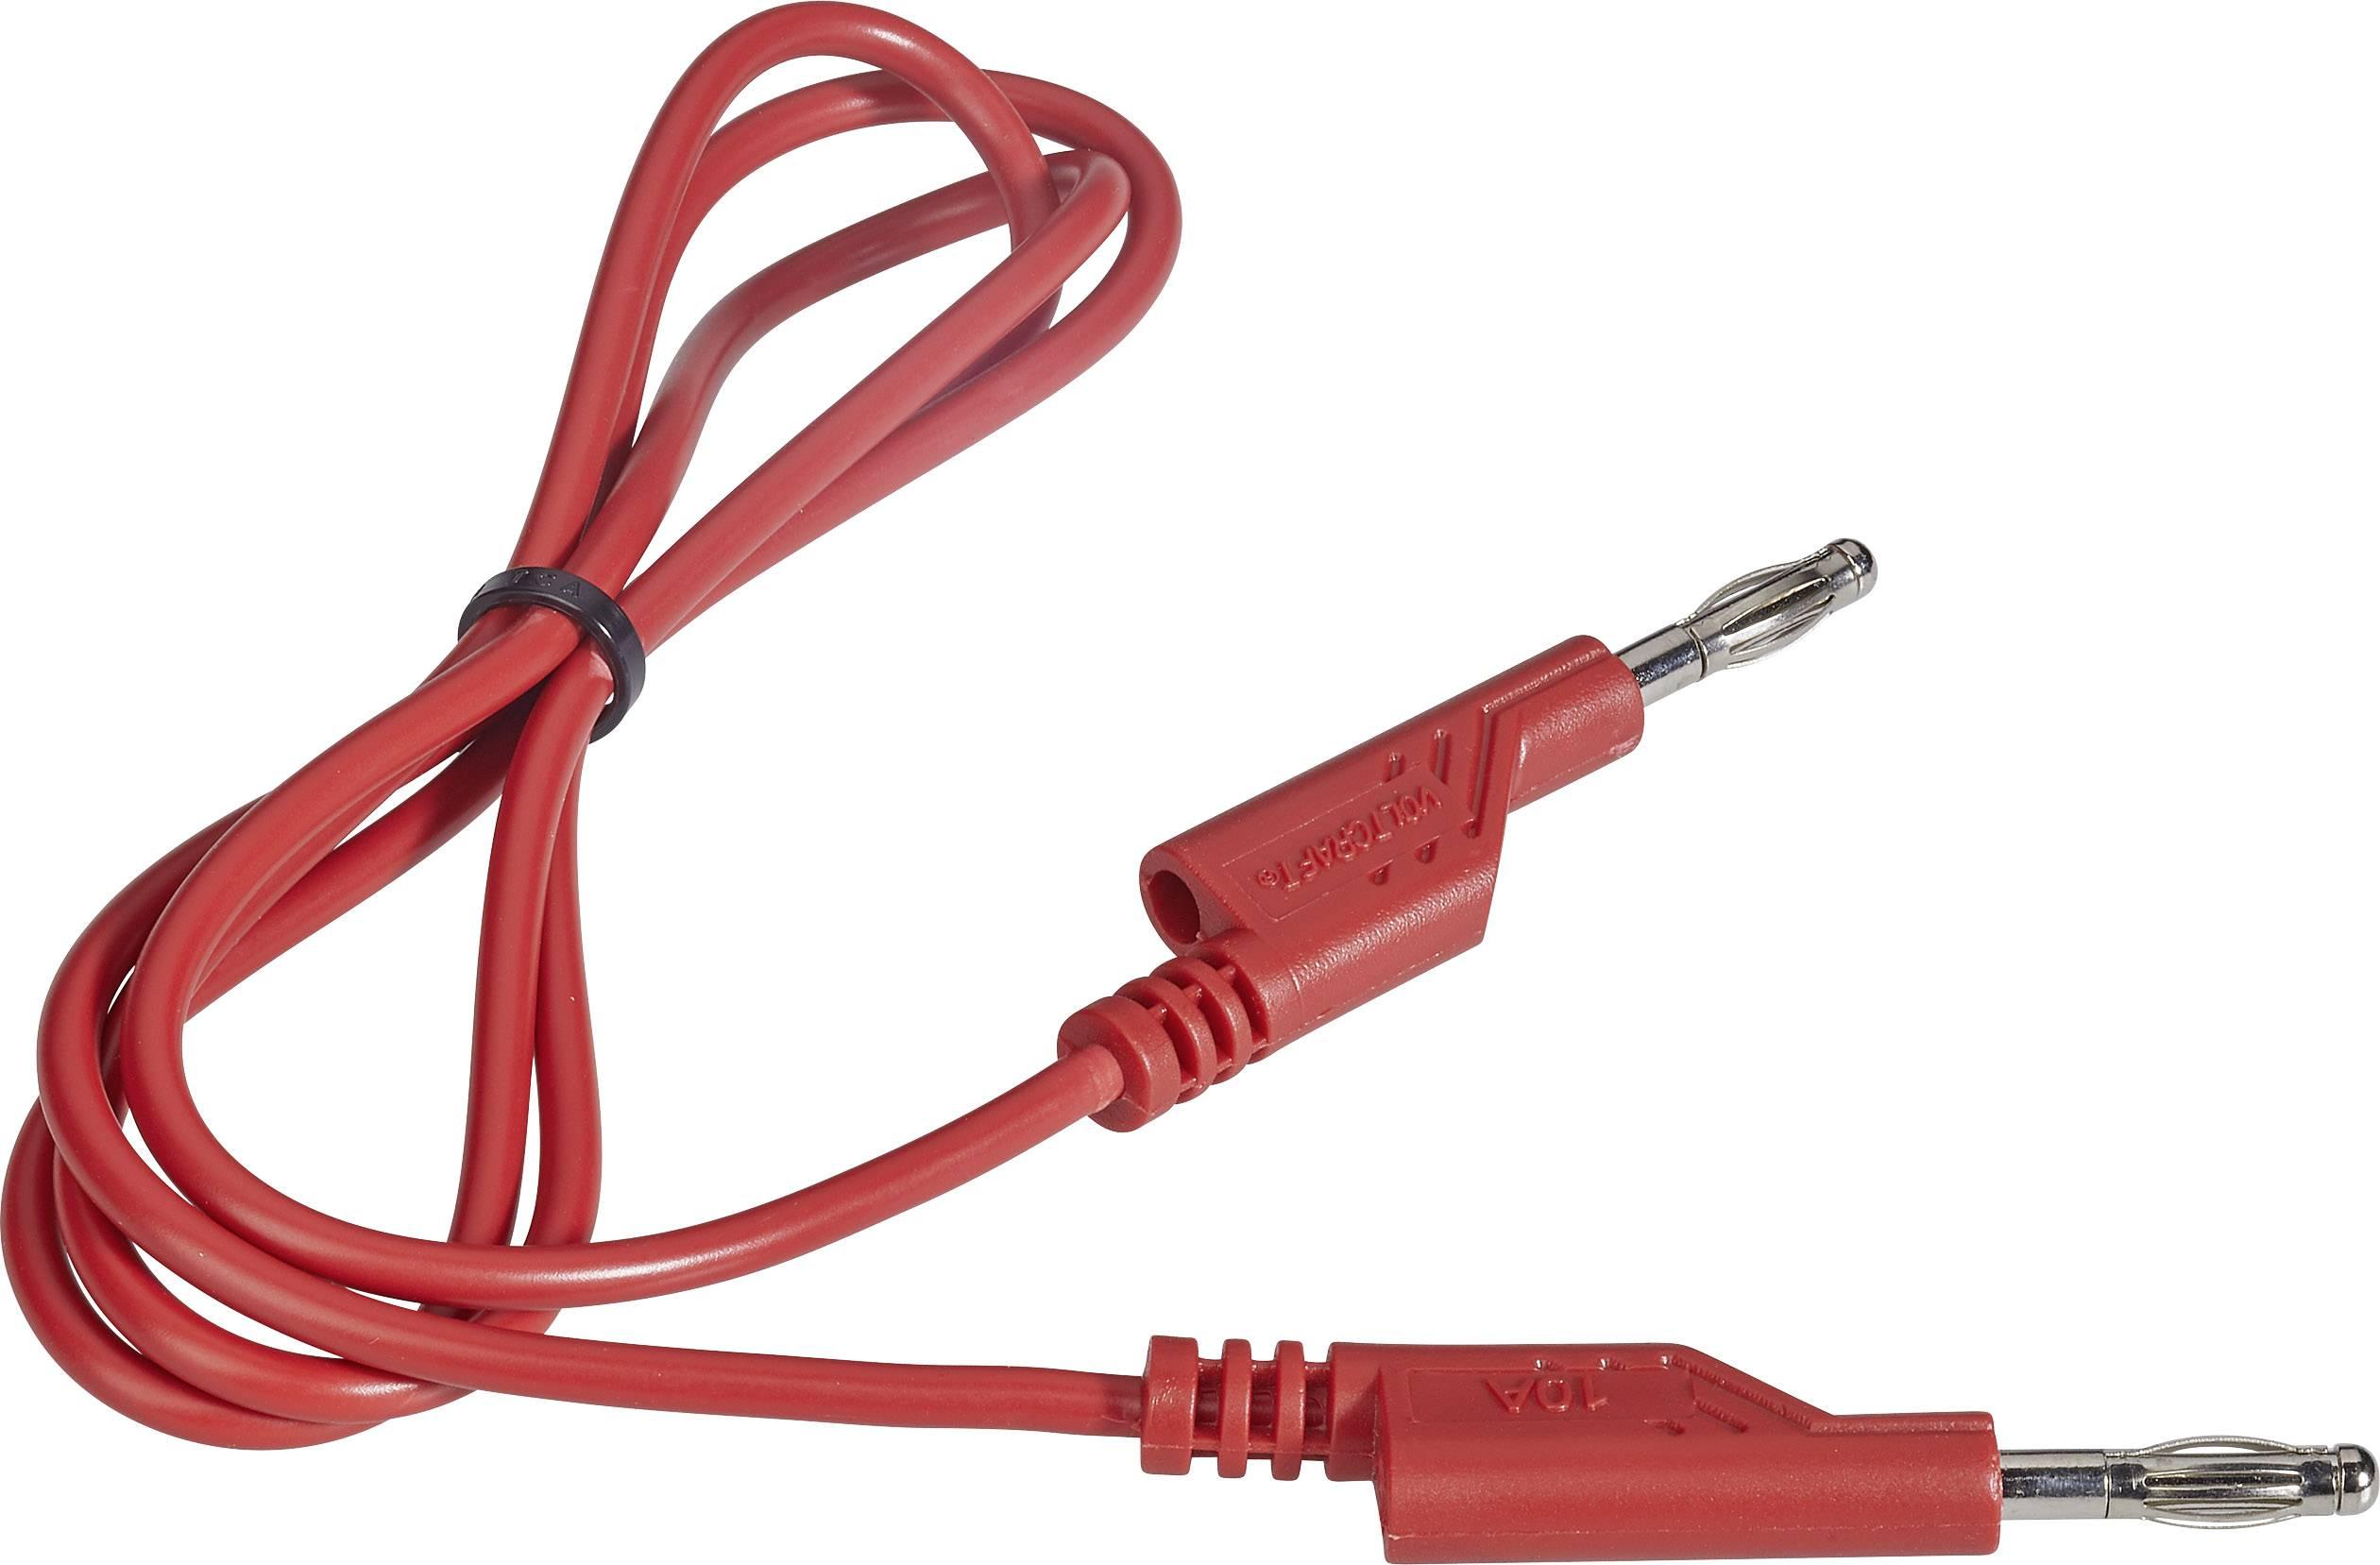 Sada měřicích kabelů banánek 4 mm ⇔ banánek 4 mm Voltcraft, 1 m, červená